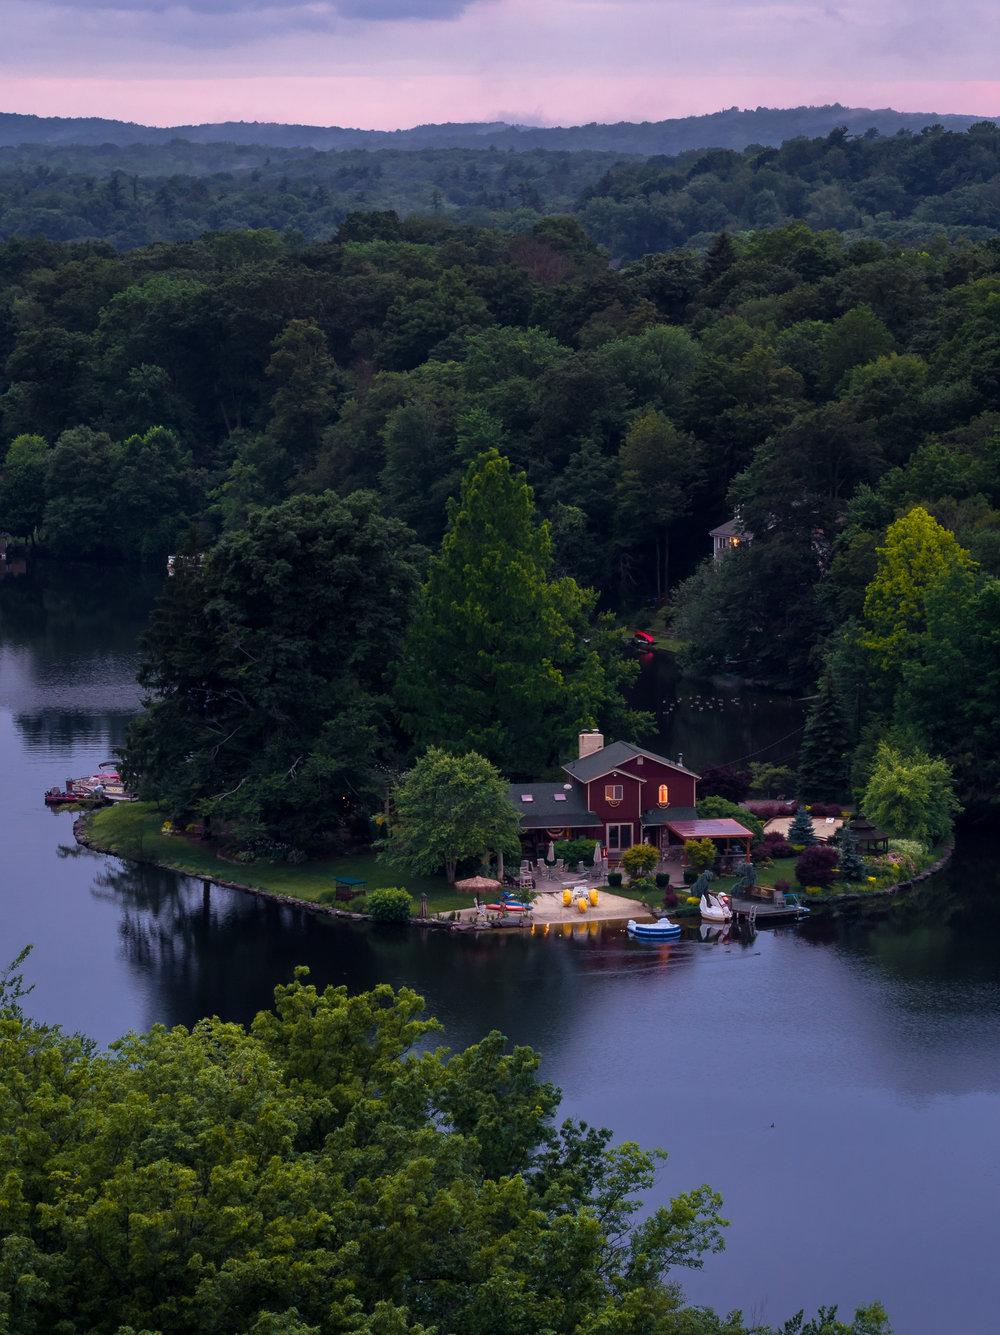 lakehouse_typoland_aerial-1.jpg